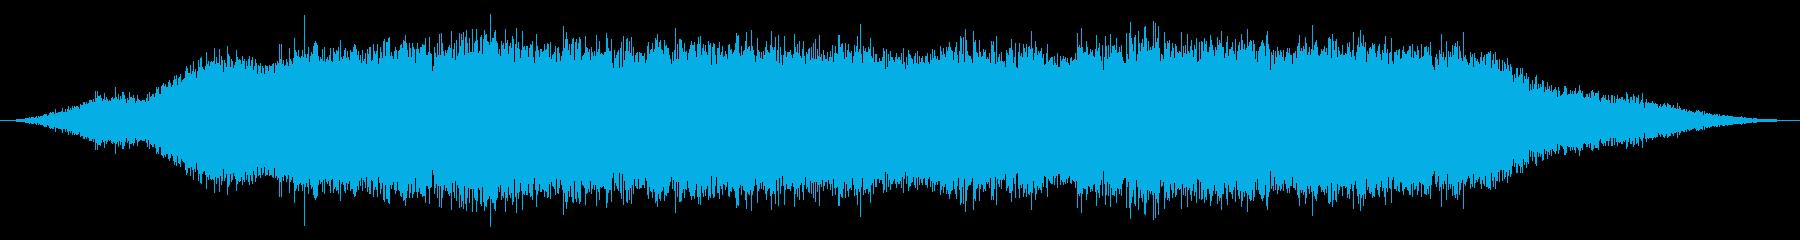 L-1011旅客機:内線:補助エン...の再生済みの波形